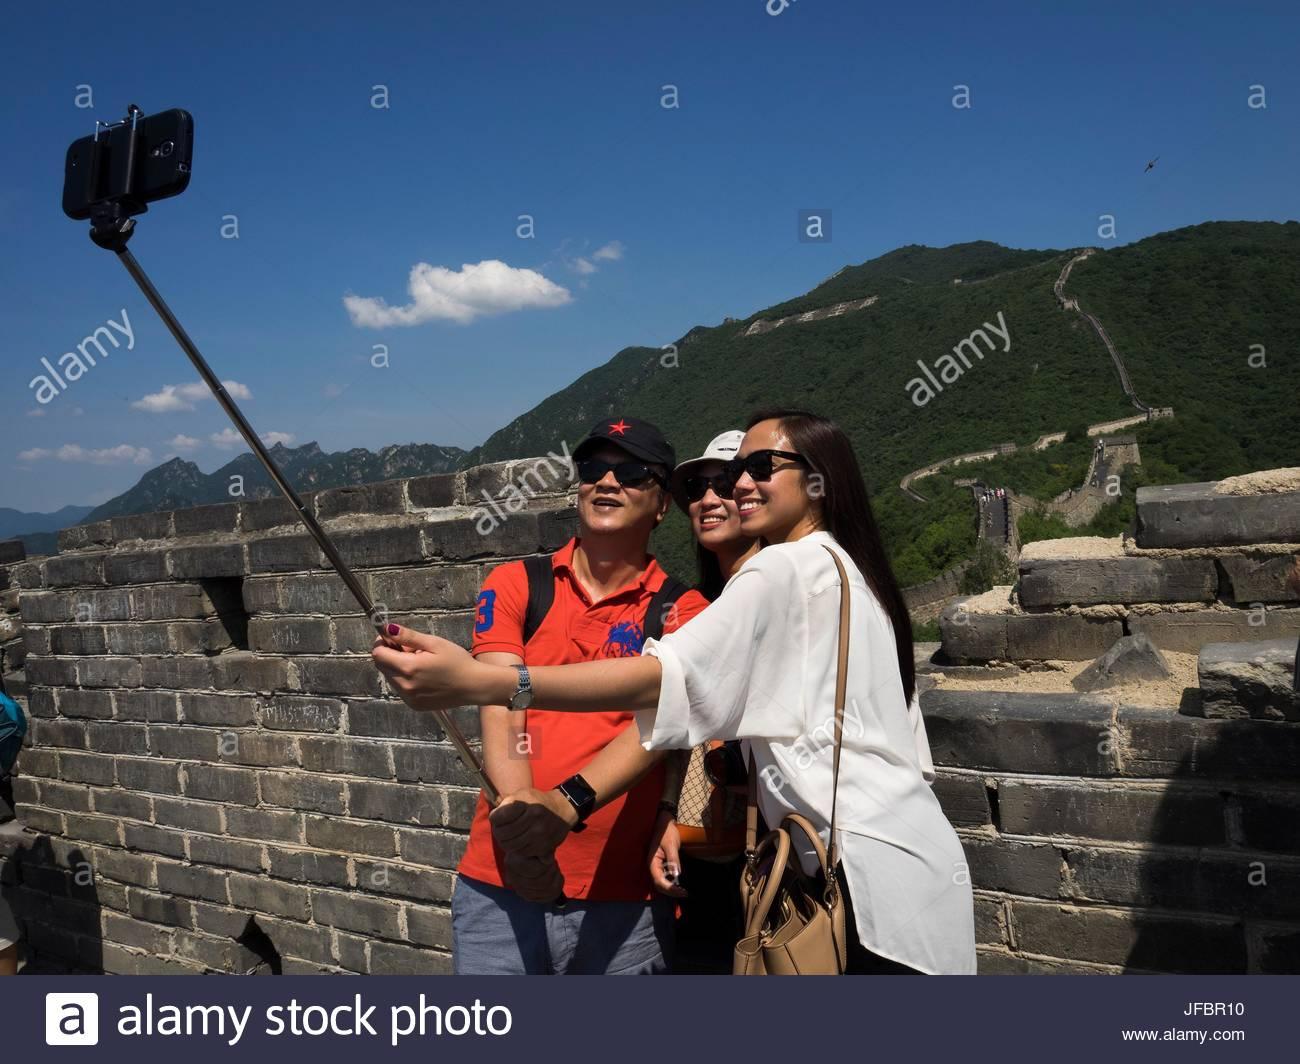 Les adolescents tourner un à selfies la Grande Muraille de Chine, à l'aide d'un téléphone Photo Stock